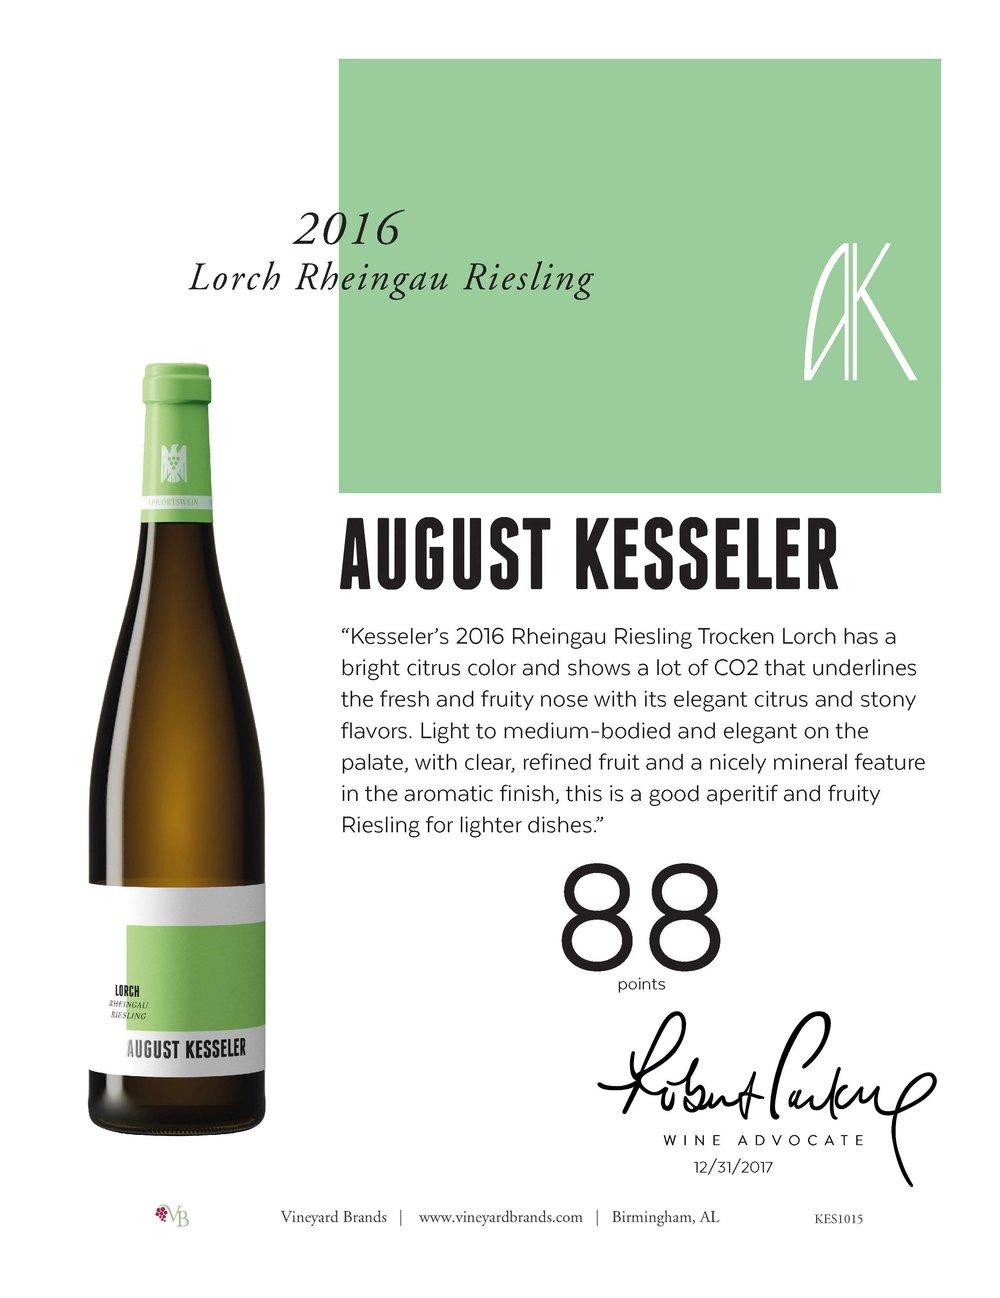 Kesseler Lorch Rheingau Riesling 2016.jpg